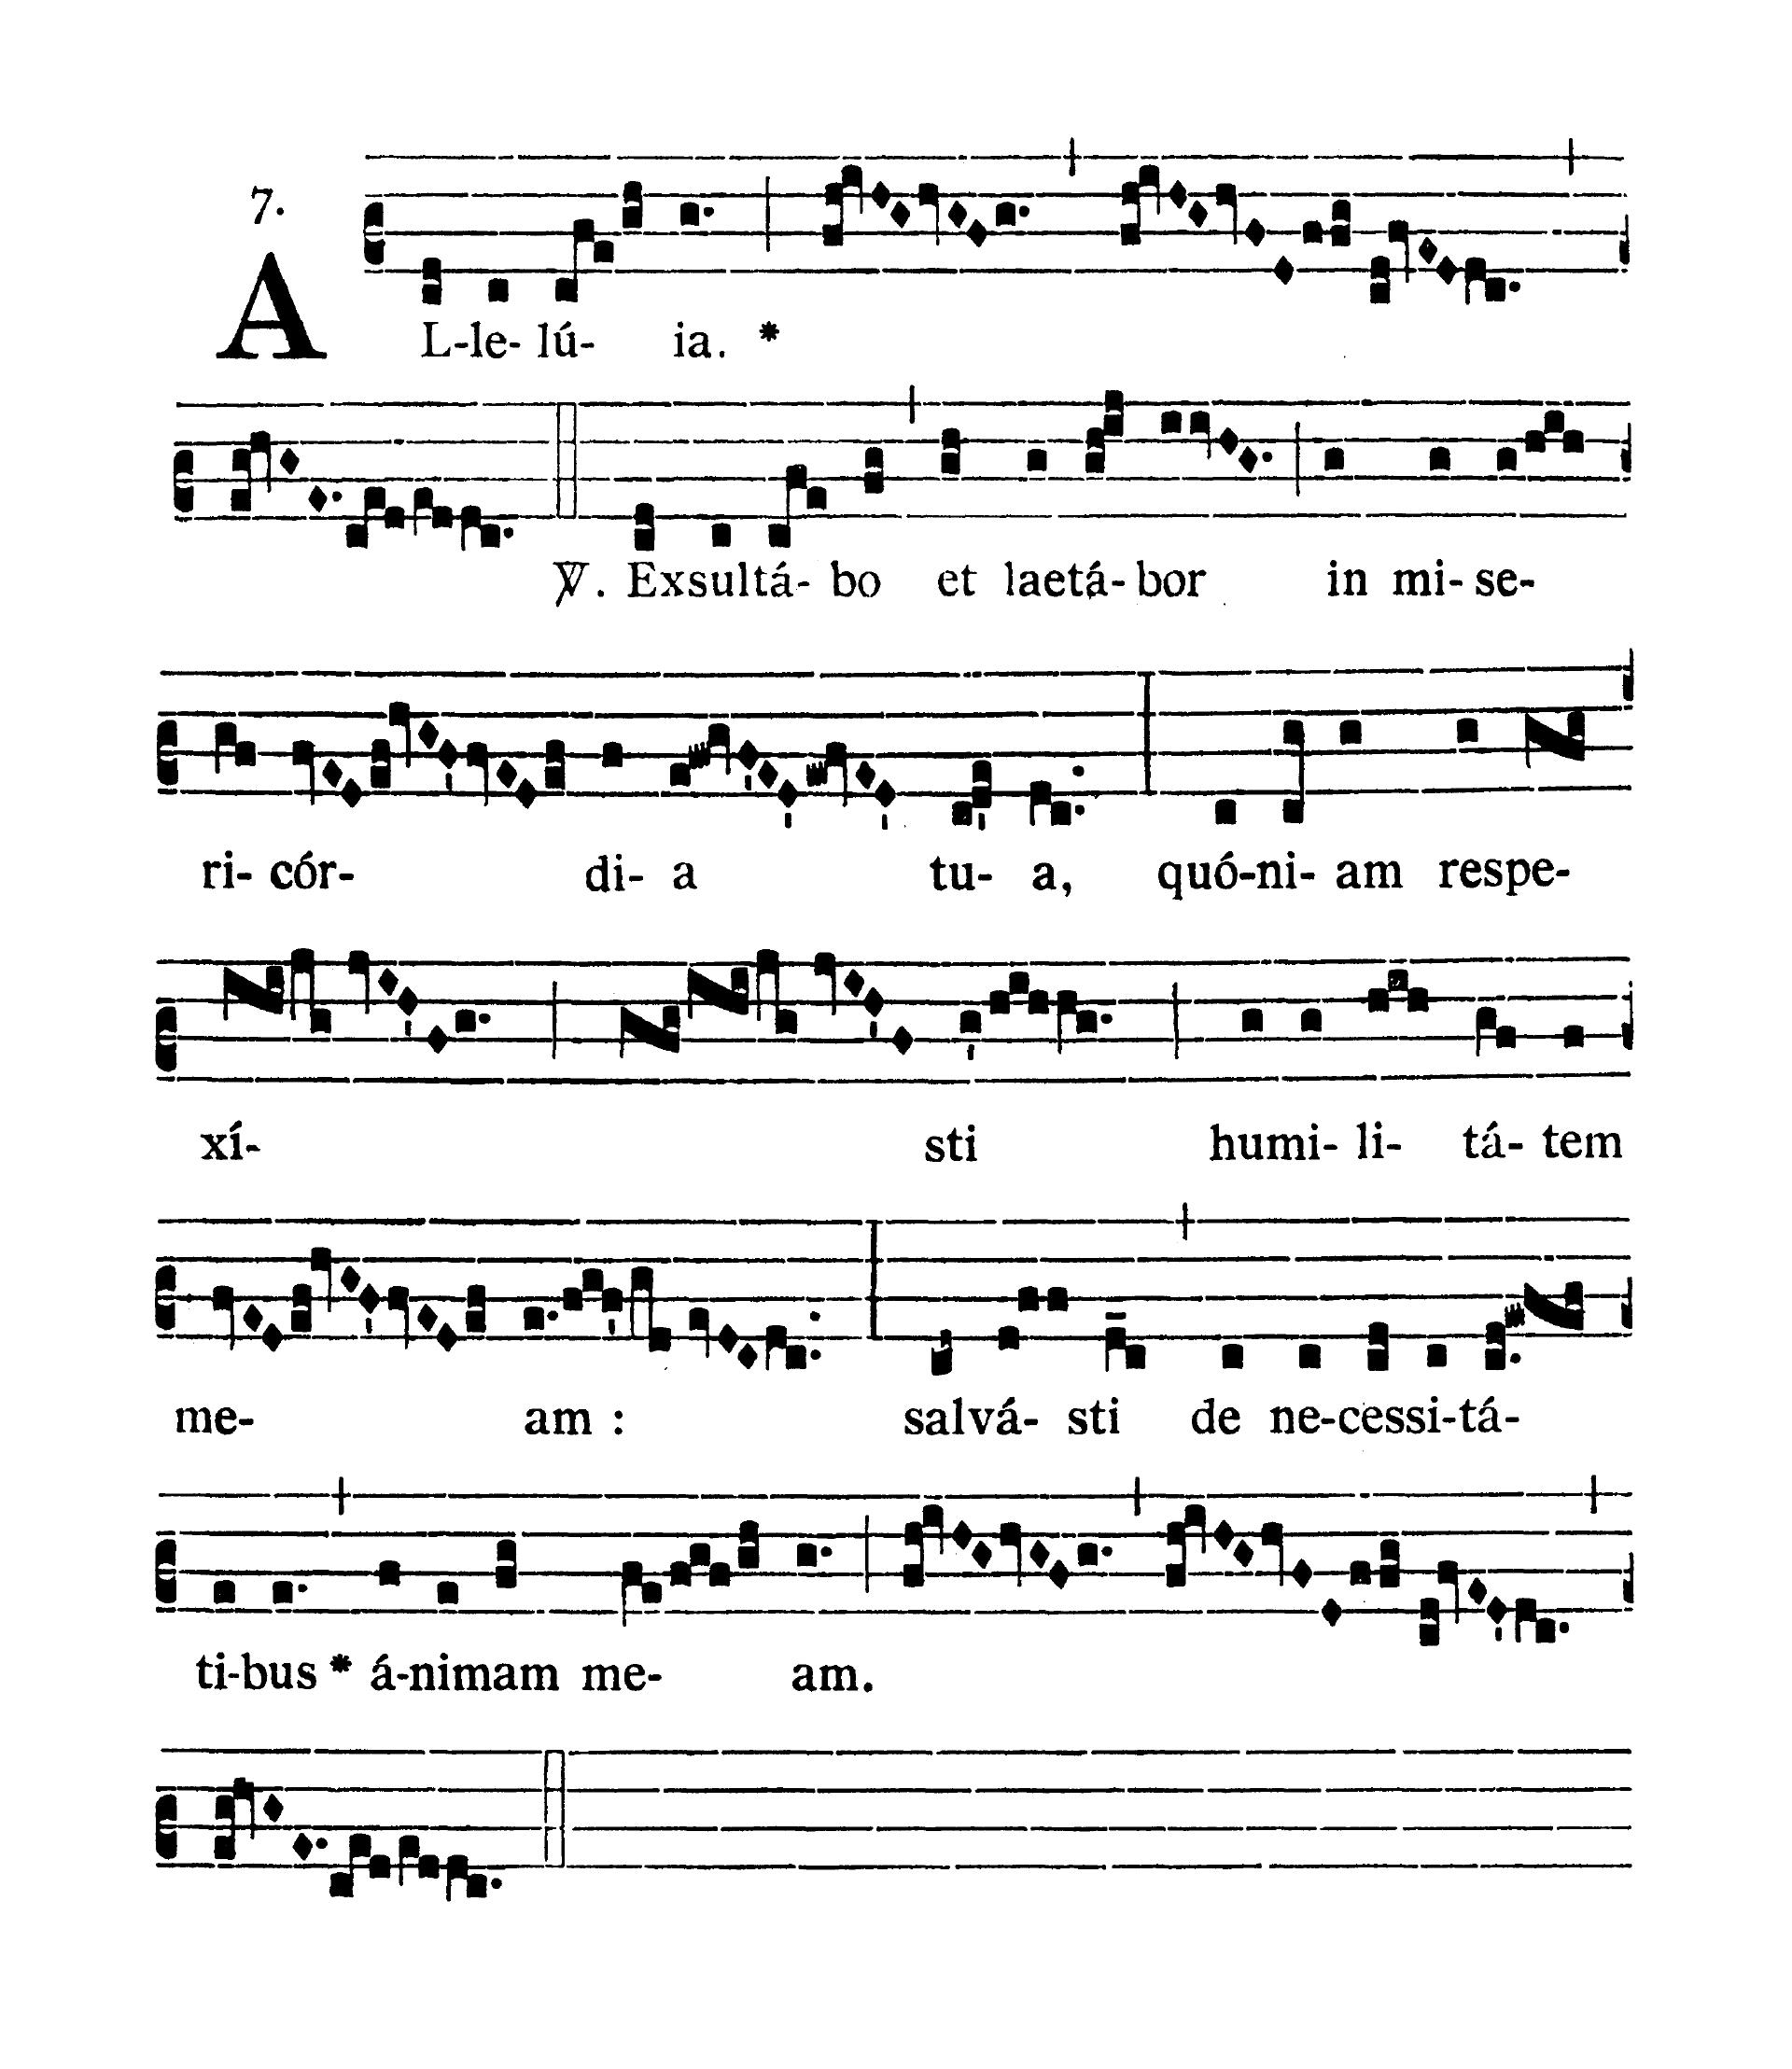 In Litaniis Majoribus et in Minoribus Tempore Paschale (Litanie większe i mniejsze w okresie Wielkanocnym) - Alleluia secunda (Exsultabo)